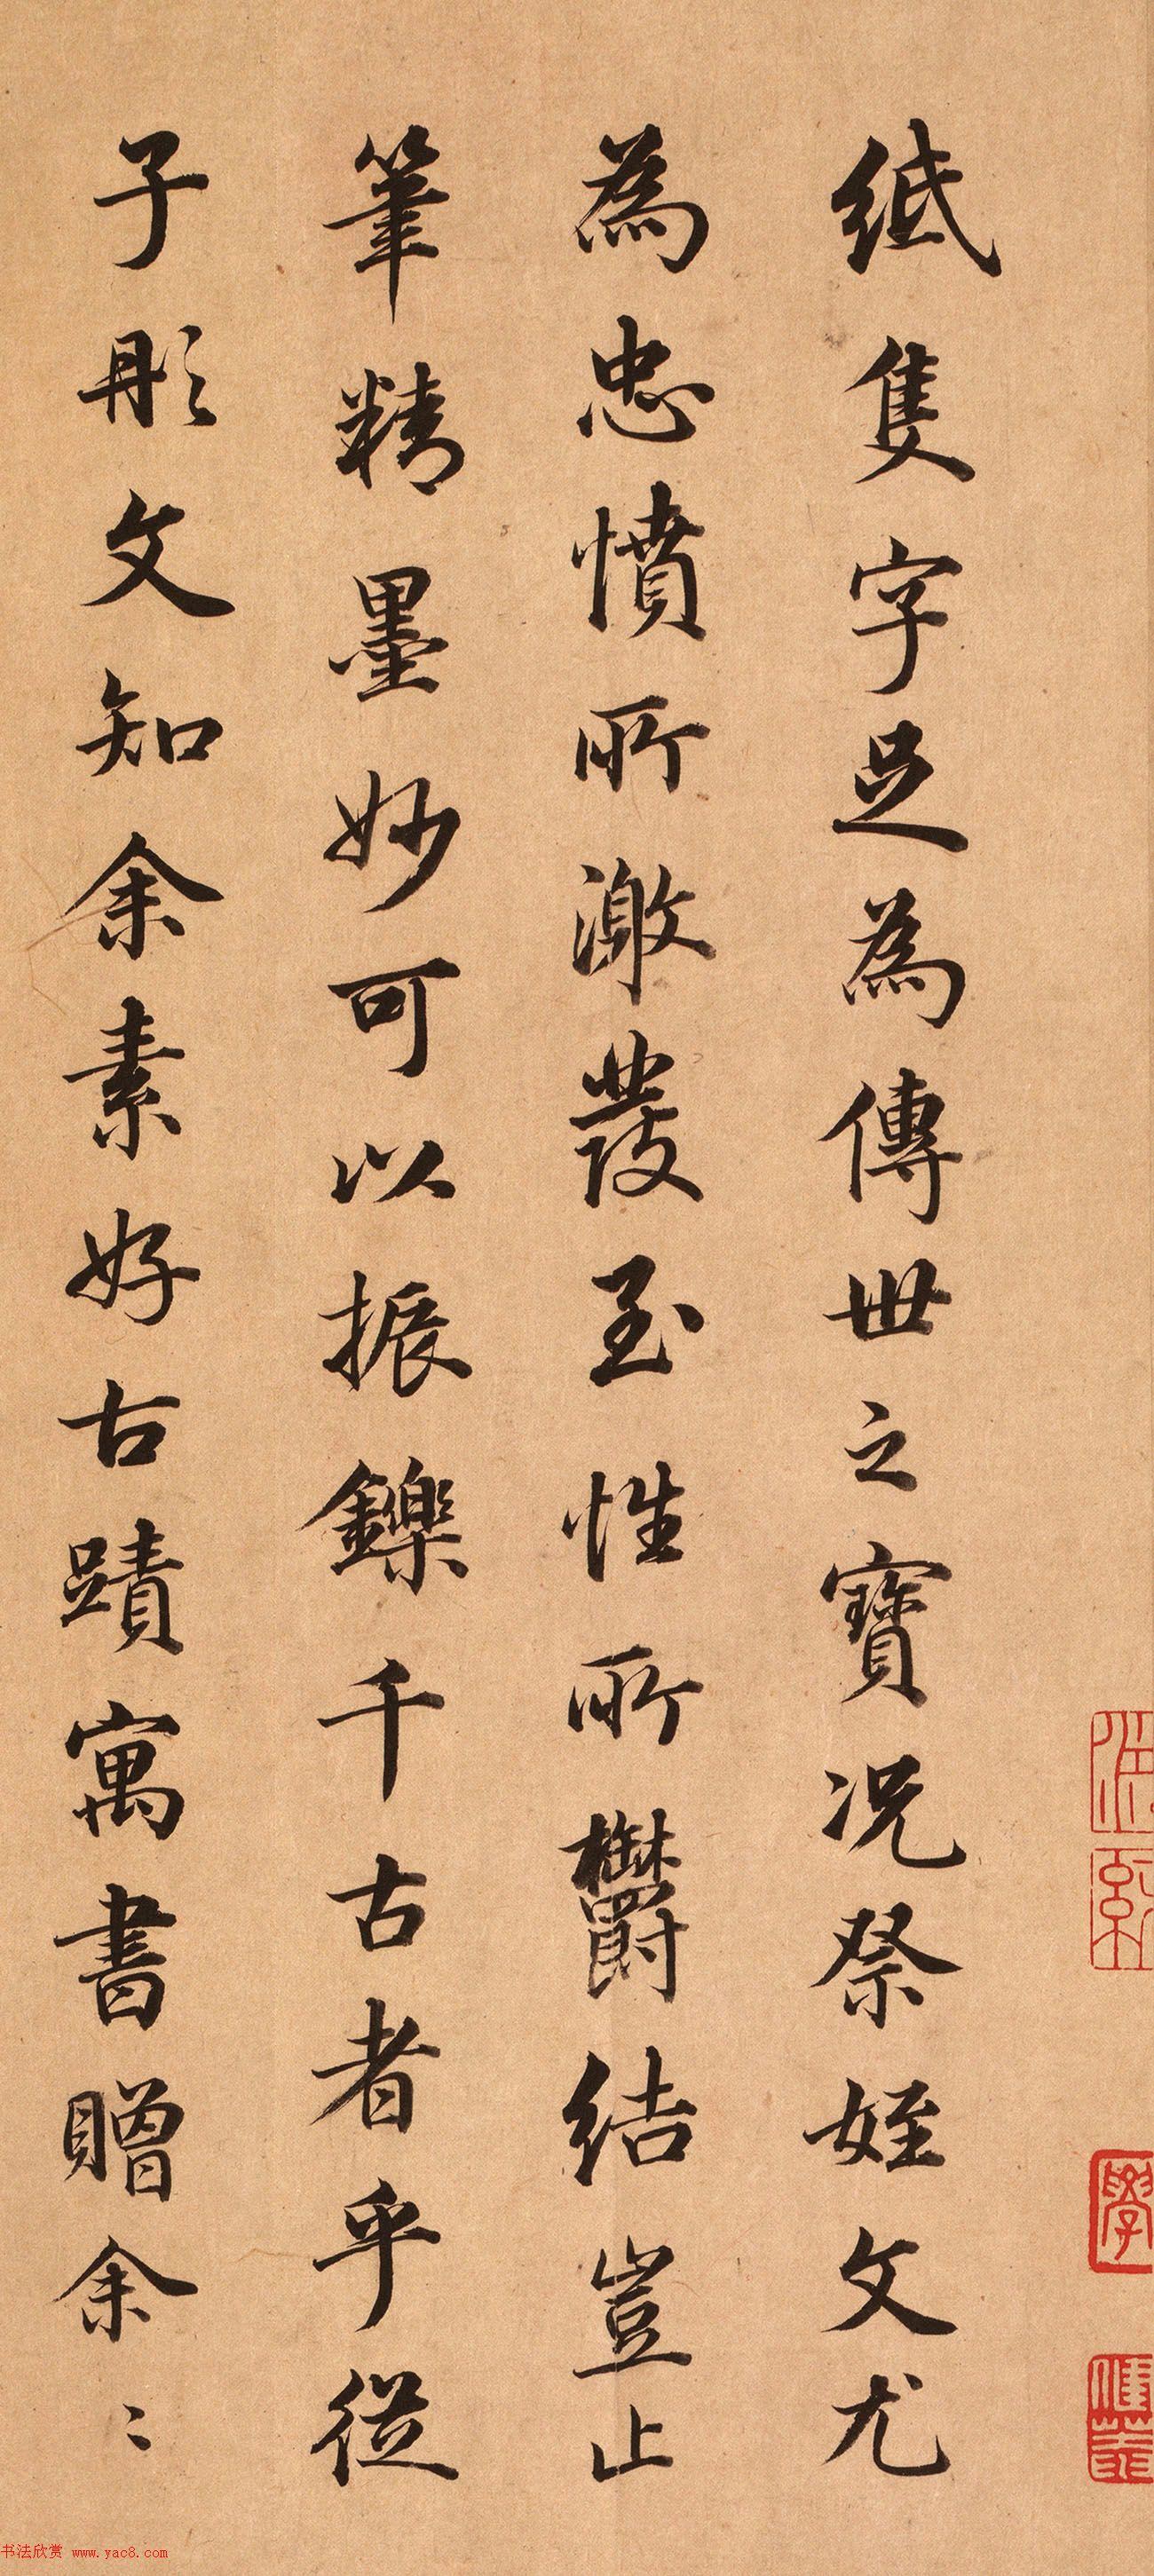 清代大臣王顼龄书法墨迹欣赏